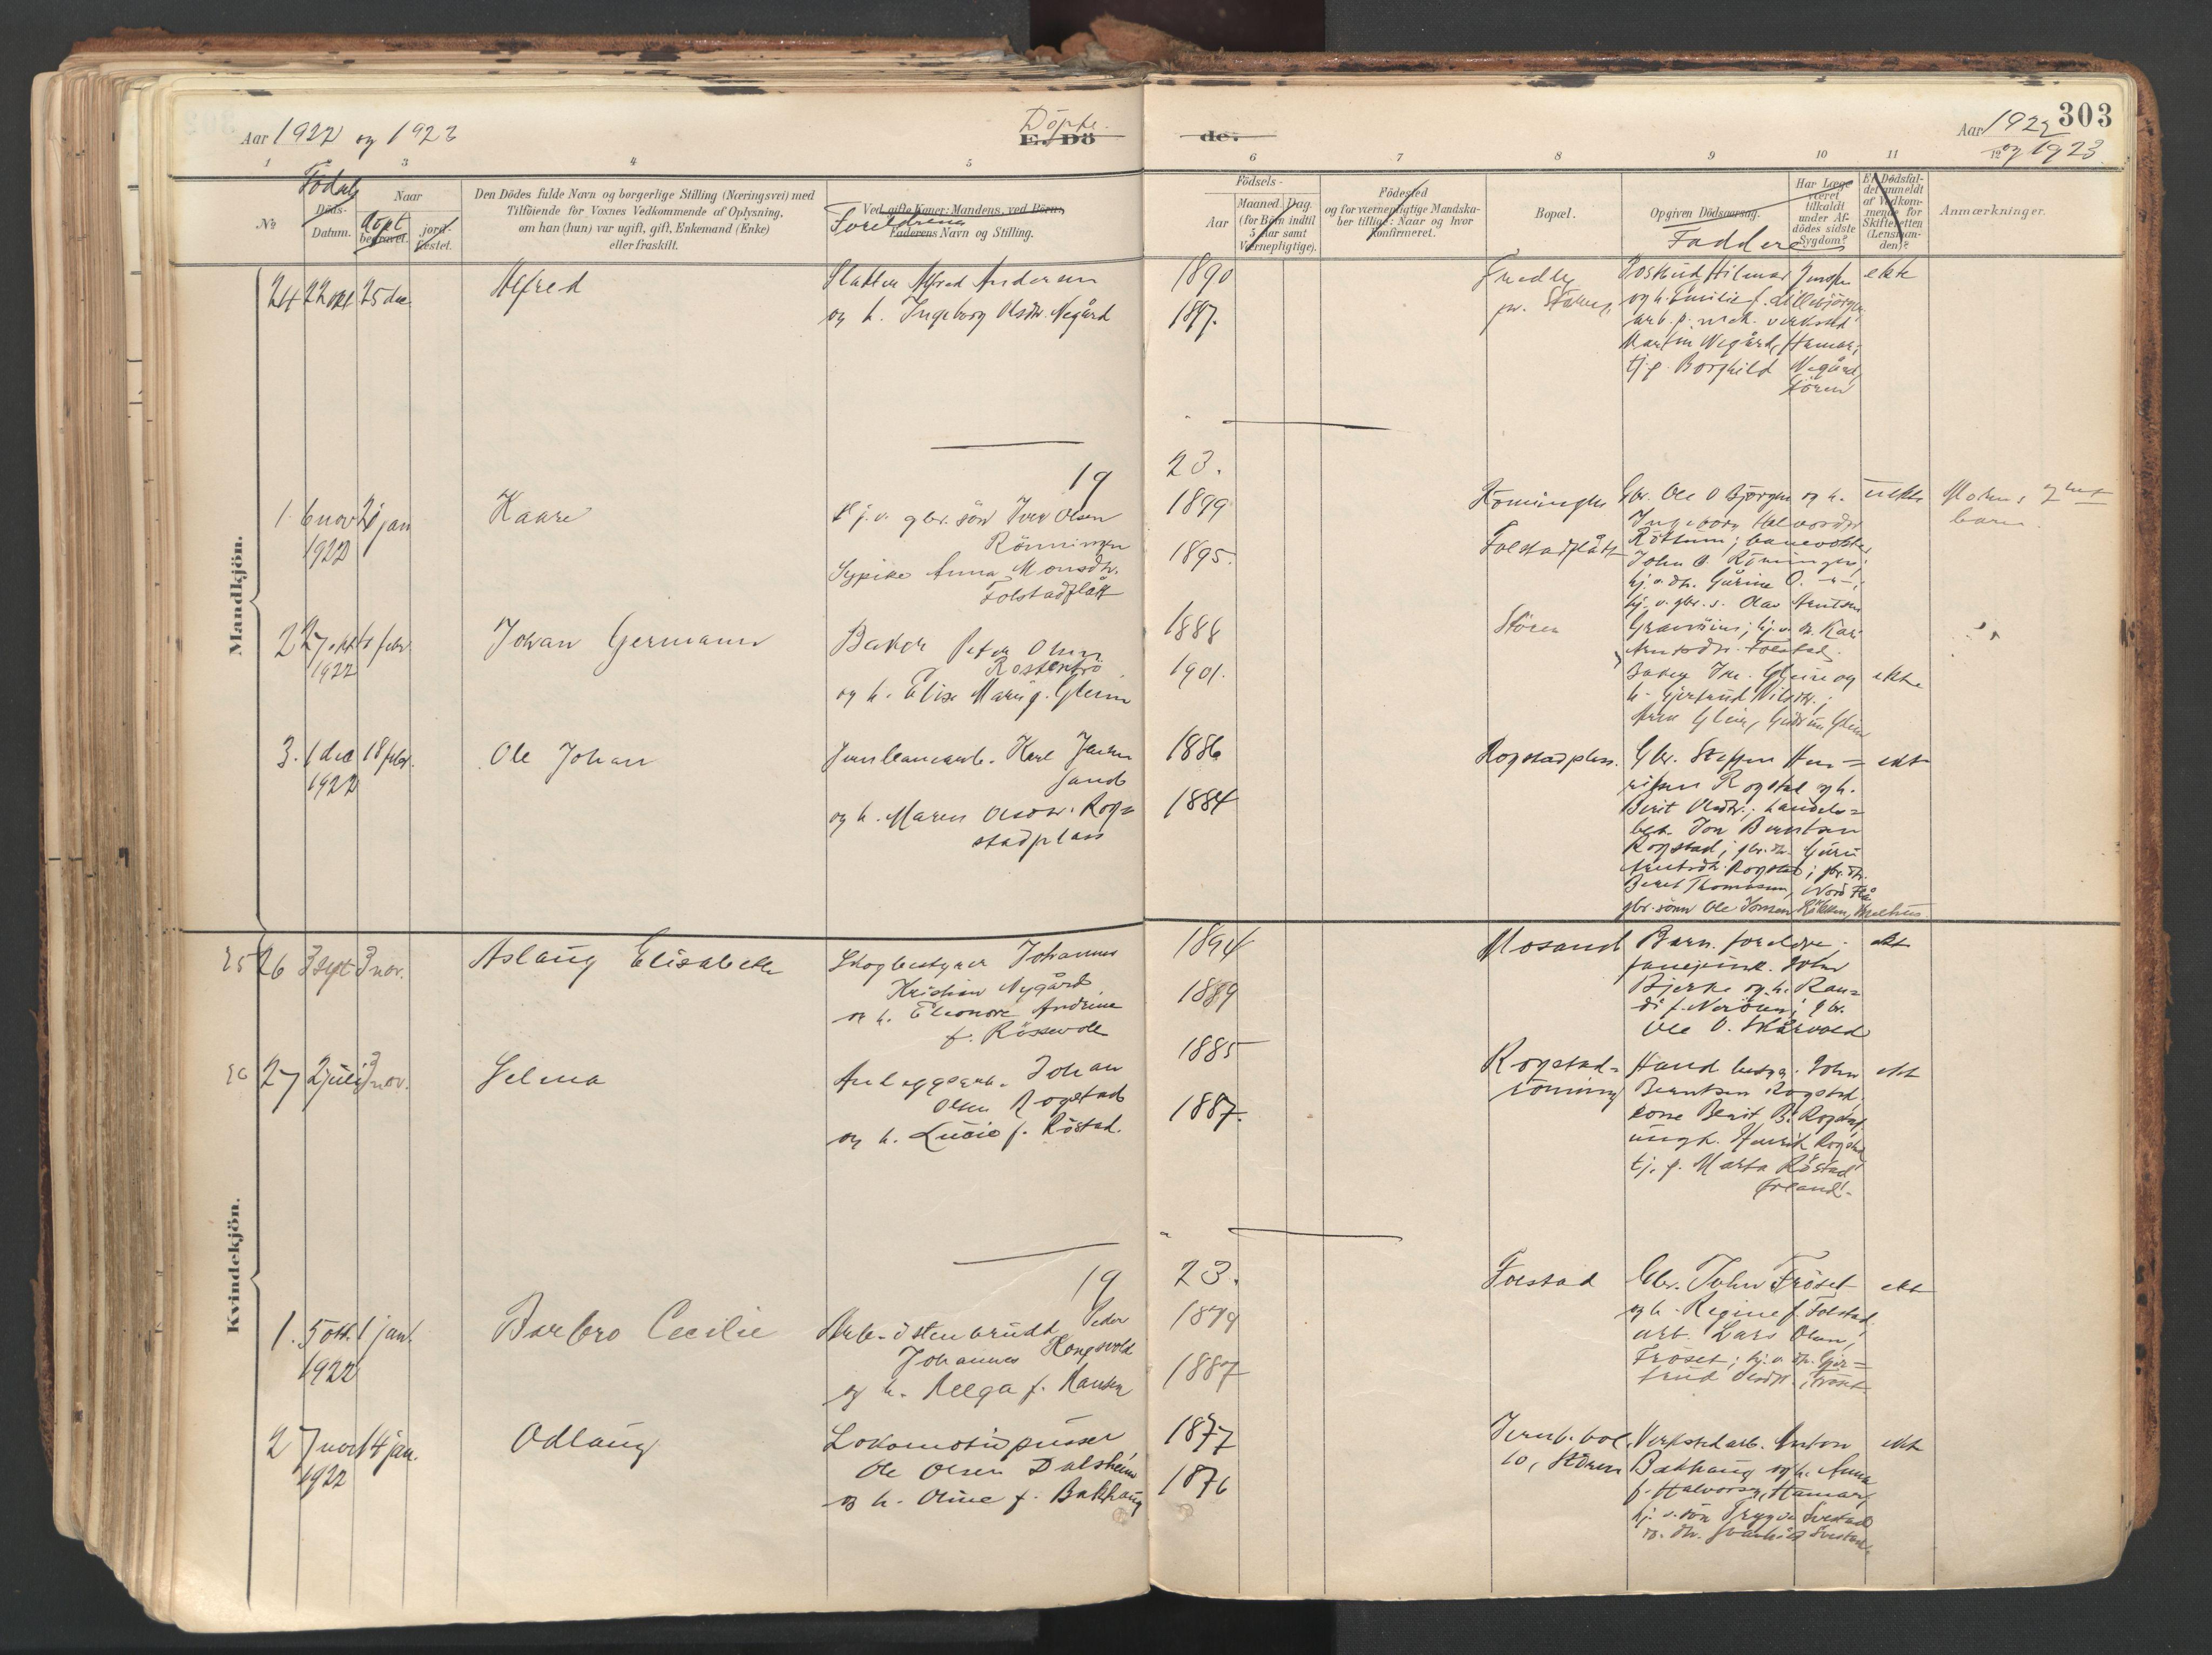 SAT, Ministerialprotokoller, klokkerbøker og fødselsregistre - Sør-Trøndelag, 687/L1004: Ministerialbok nr. 687A10, 1891-1923, s. 303